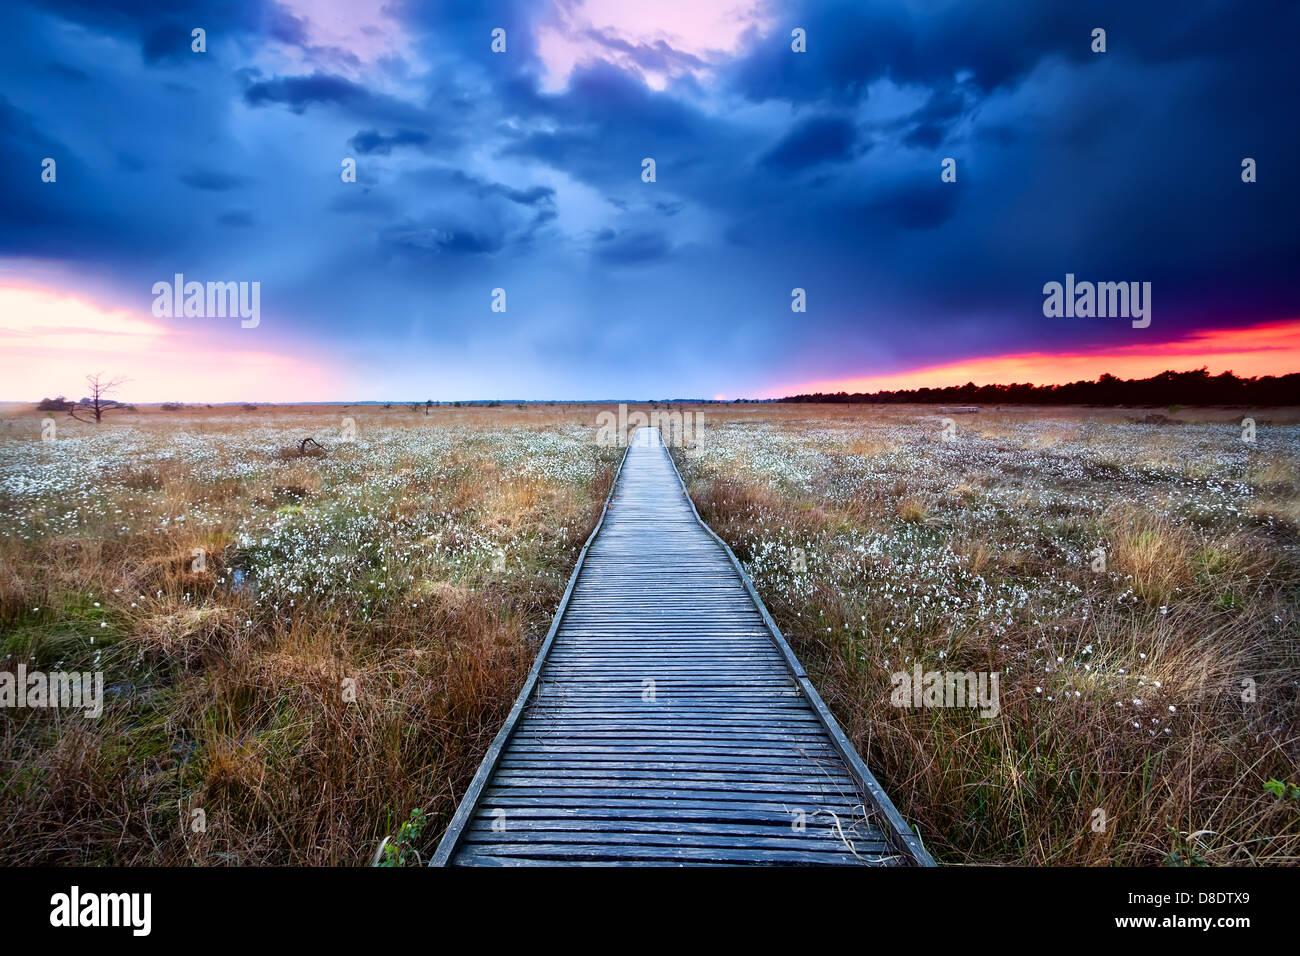 Chemin en bois sur marais avec cottograss floraison au coucher du soleil Photo Stock